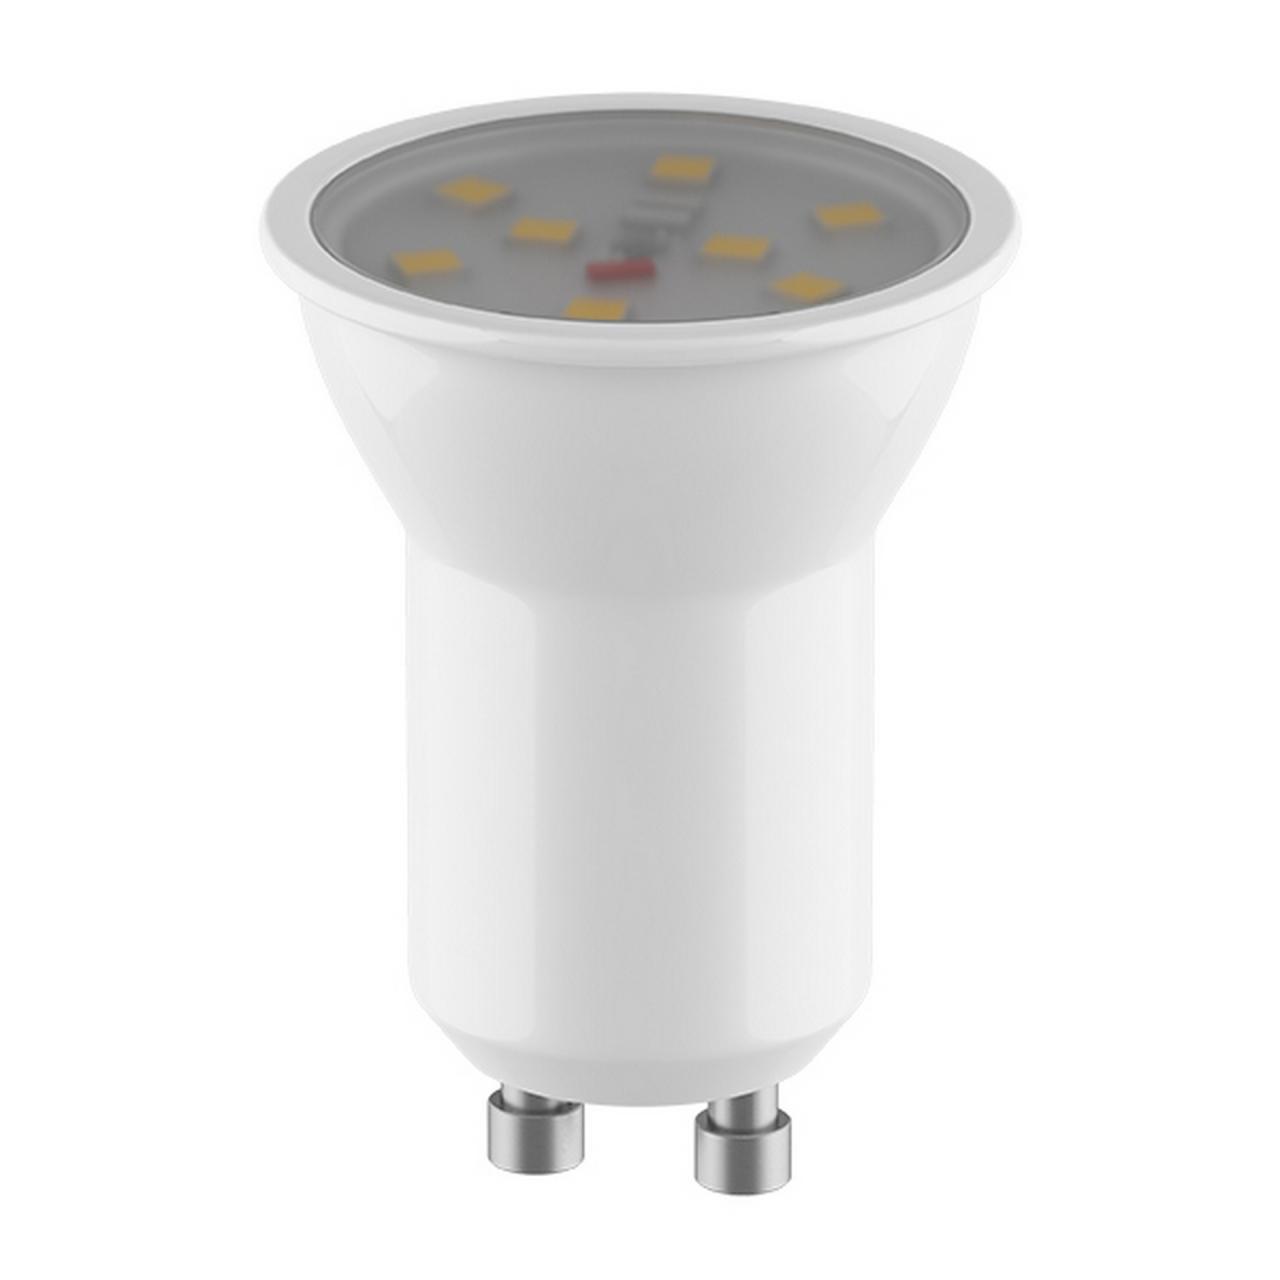 Светодиодная LED лампа GU10, 220V HP11 3W - 4000K, Lightstar 940954